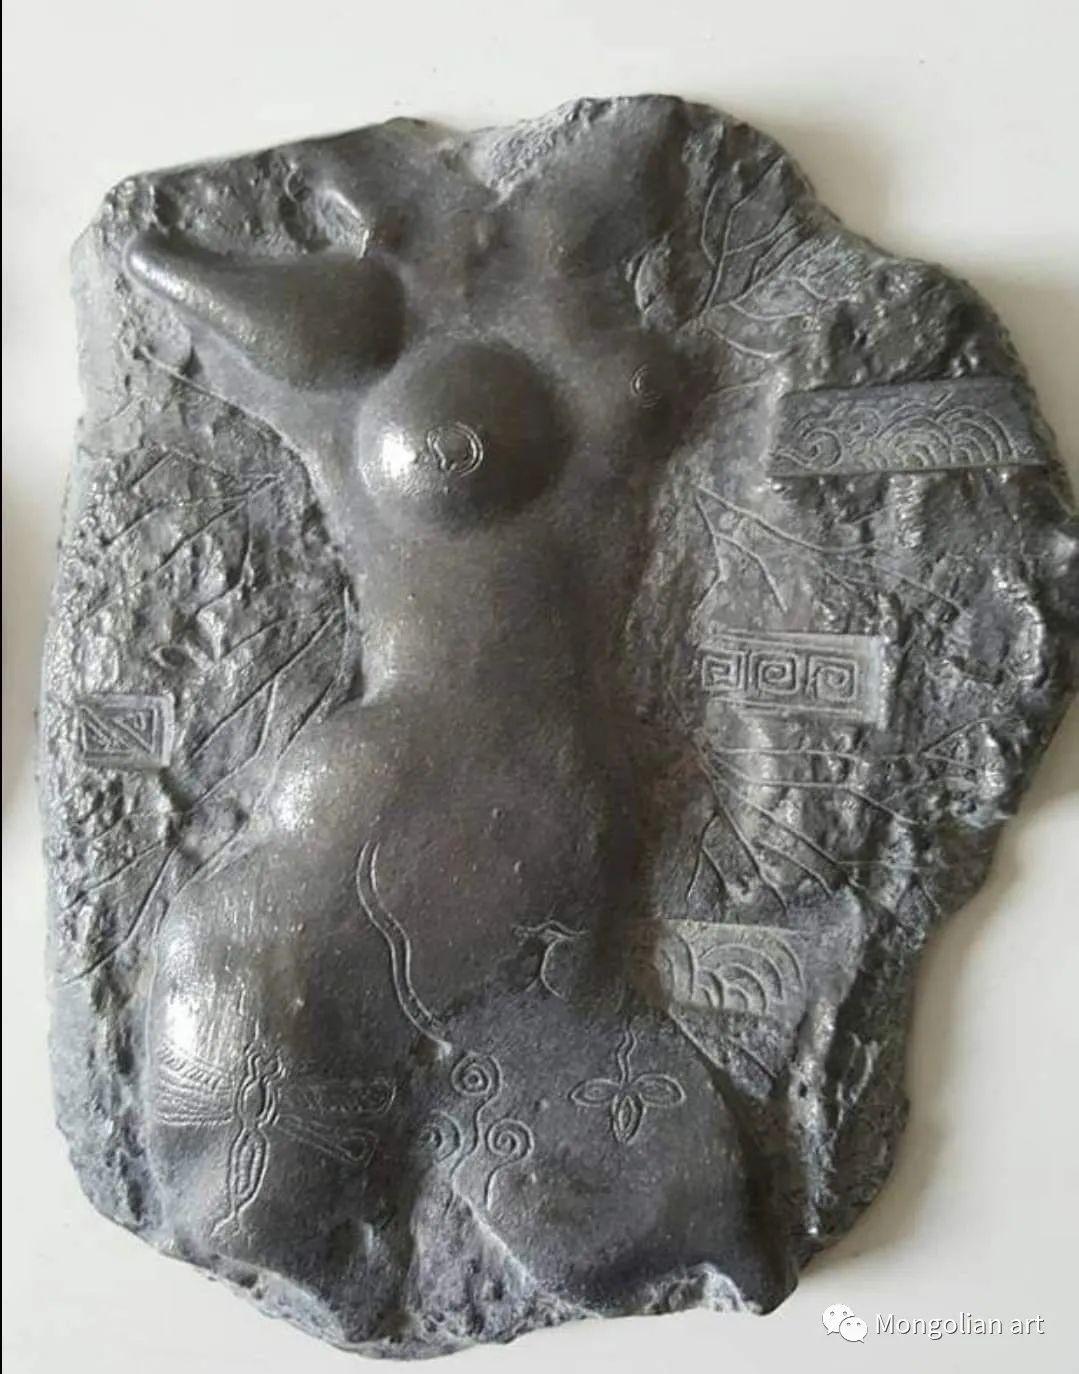 蒙古艺术博物馆获奖雕塑家Tuvdendorj Darzav 第17张 蒙古艺术博物馆获奖雕塑家Tuvdendorj Darzav 蒙古画廊